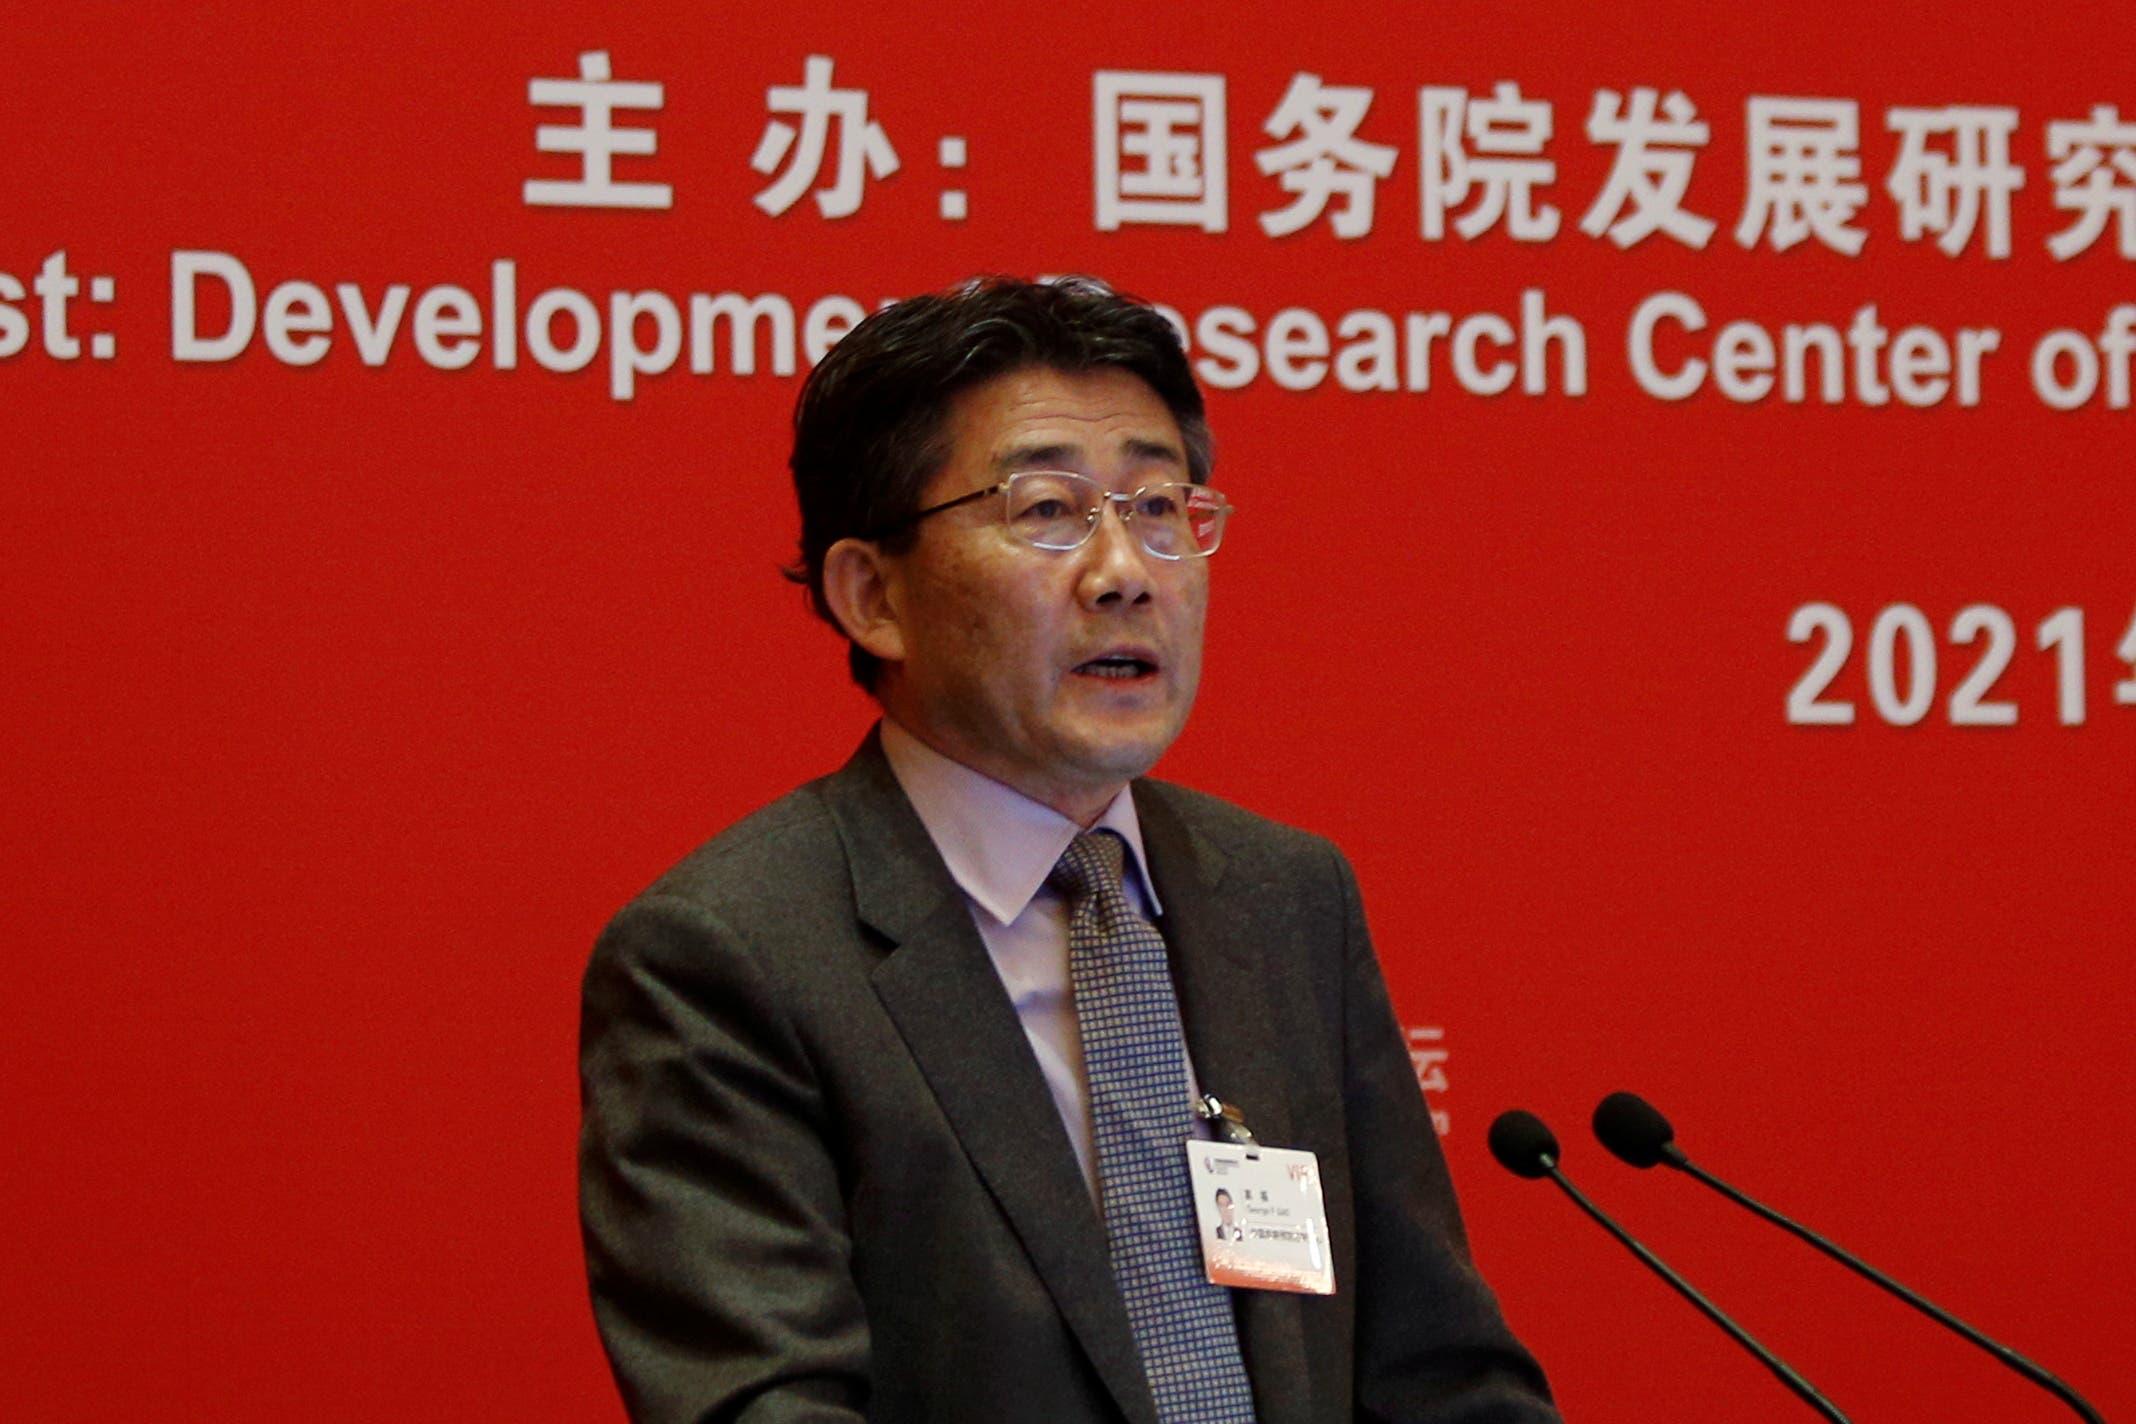 جورج جاو، مدير المركز الصيني للسيطرة على الأمراض والوقاية منها (رويترز)